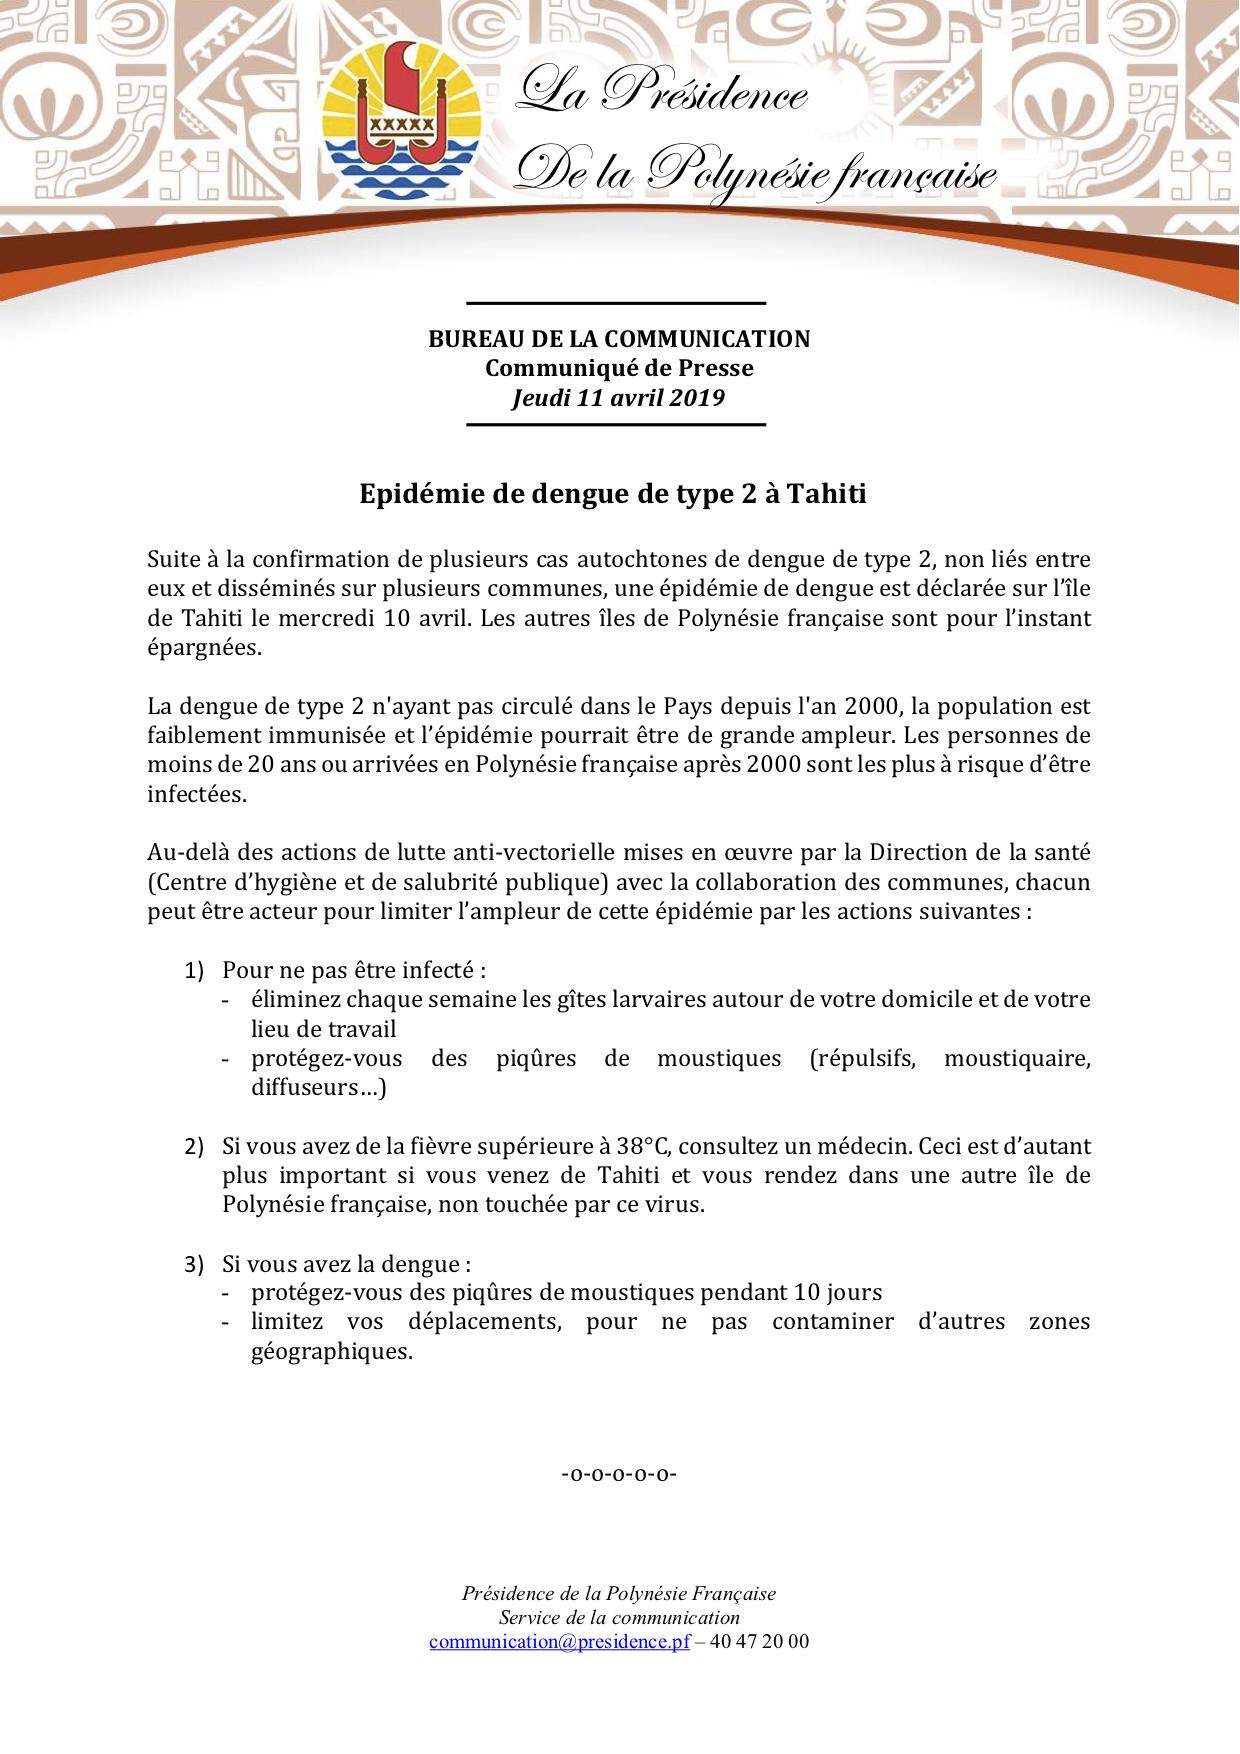 Communiqué - Ministère de la Santé - Epidémie dengue type 2